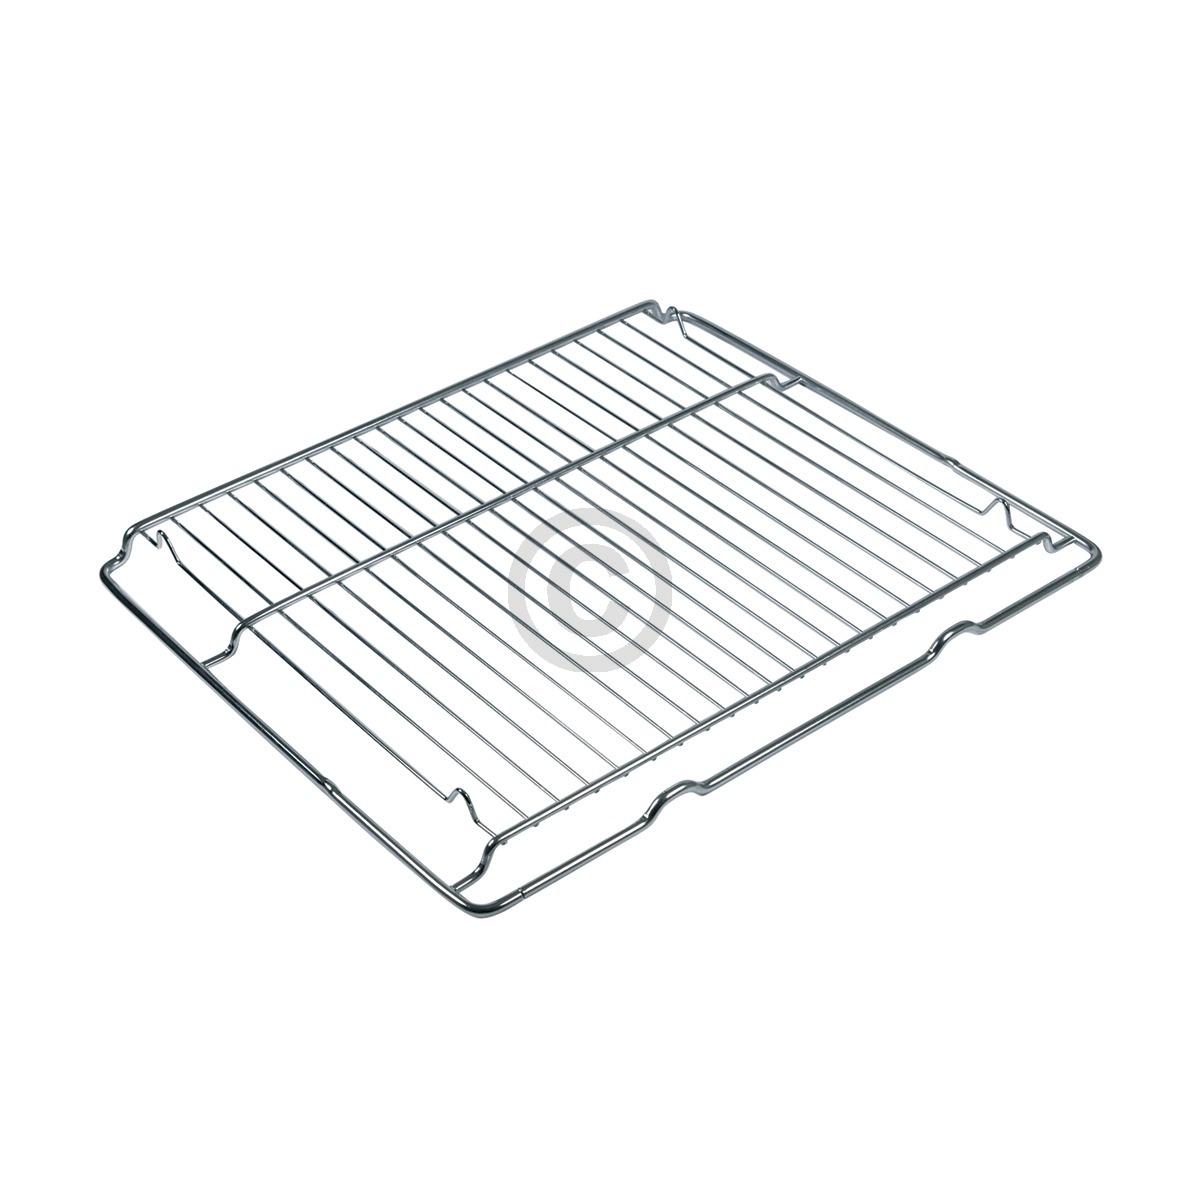 Grillrost Bosch 00577170 455x380mm Kombirost für Backofen